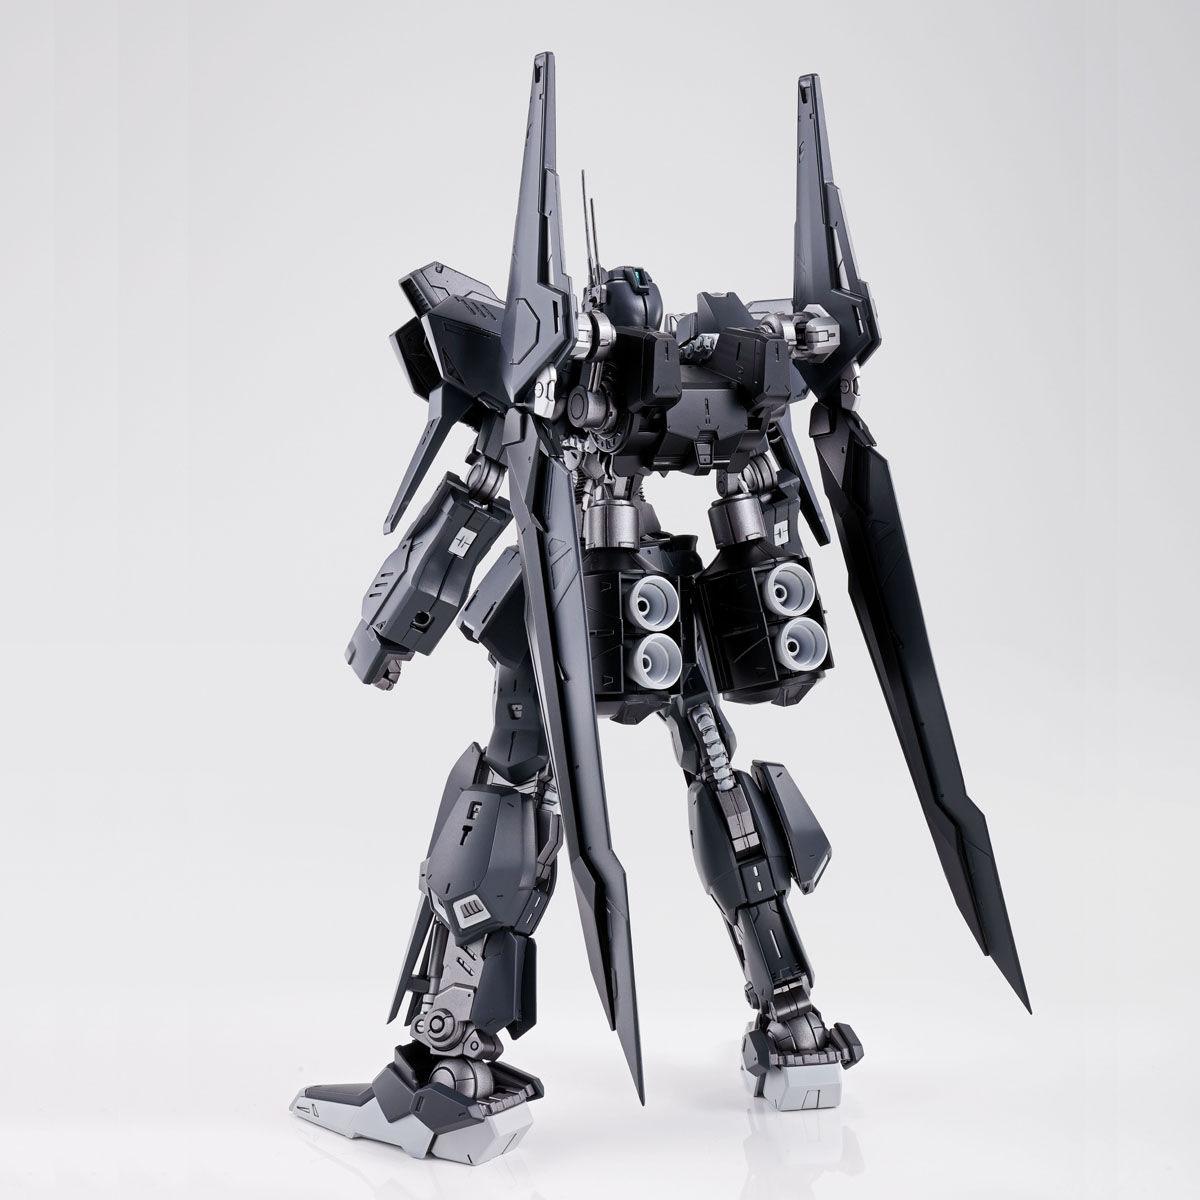 MG 1/100『百式壊』プラモデル-003